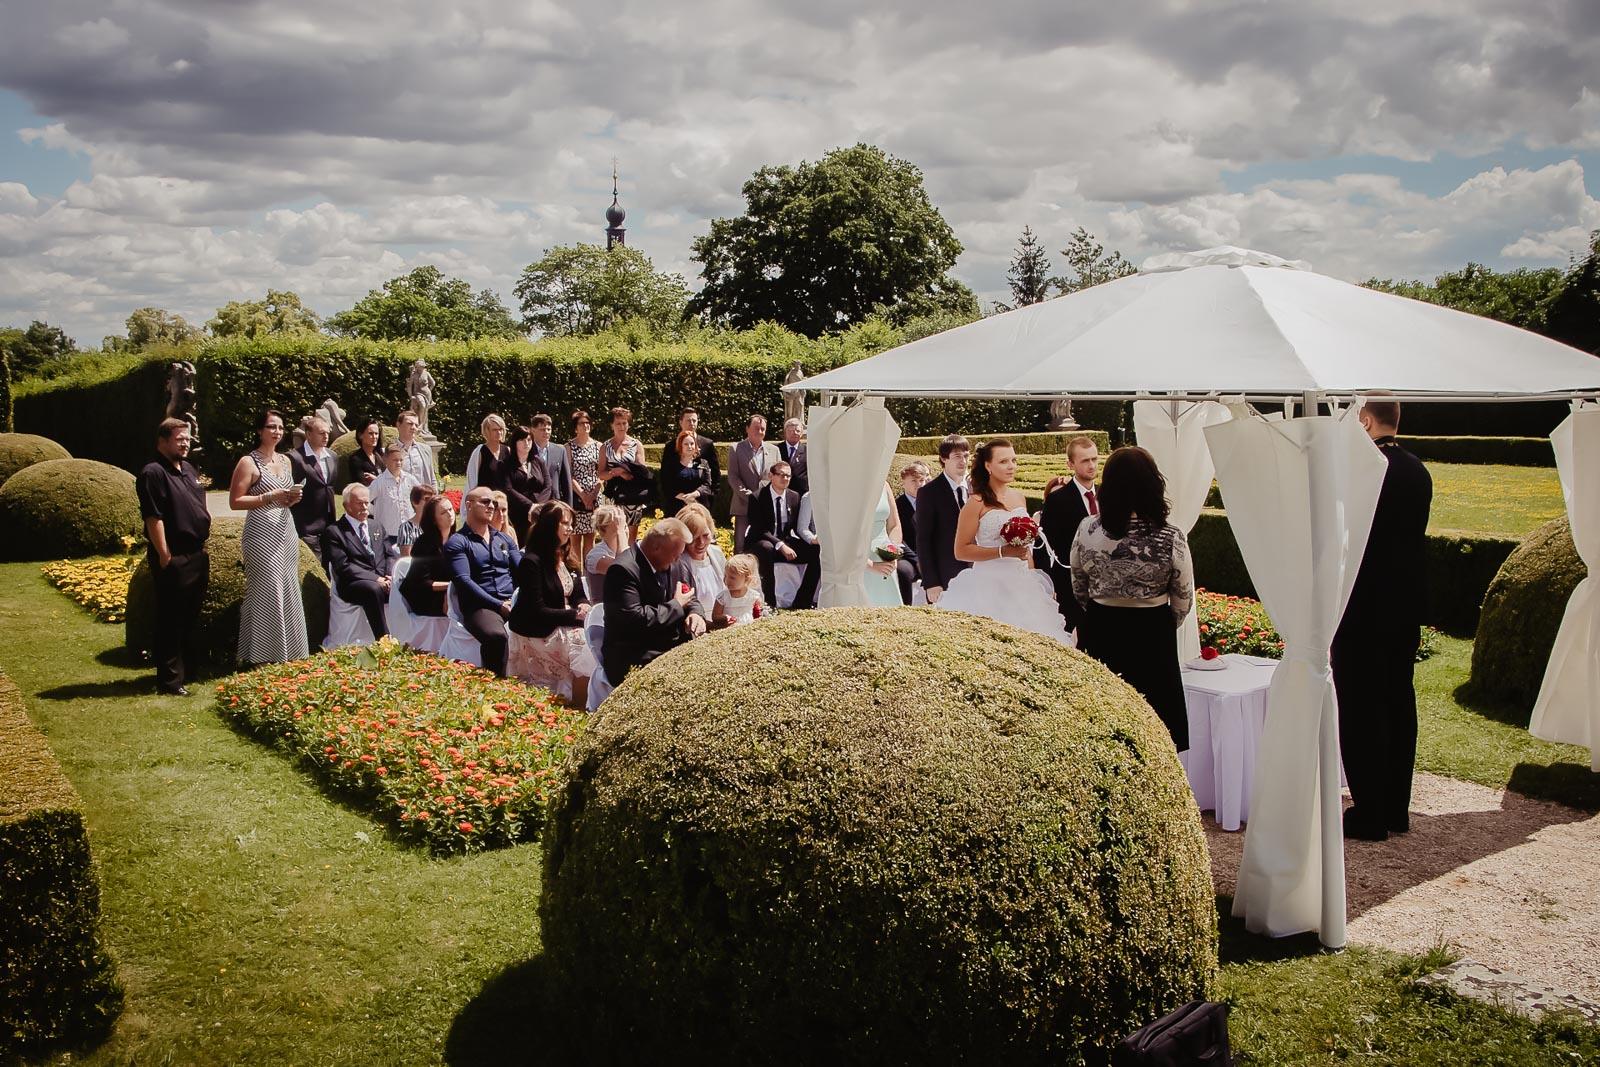 Svatba venku příprava svatebního obřadu Lysá na Labem, svatební agentura svatba venku